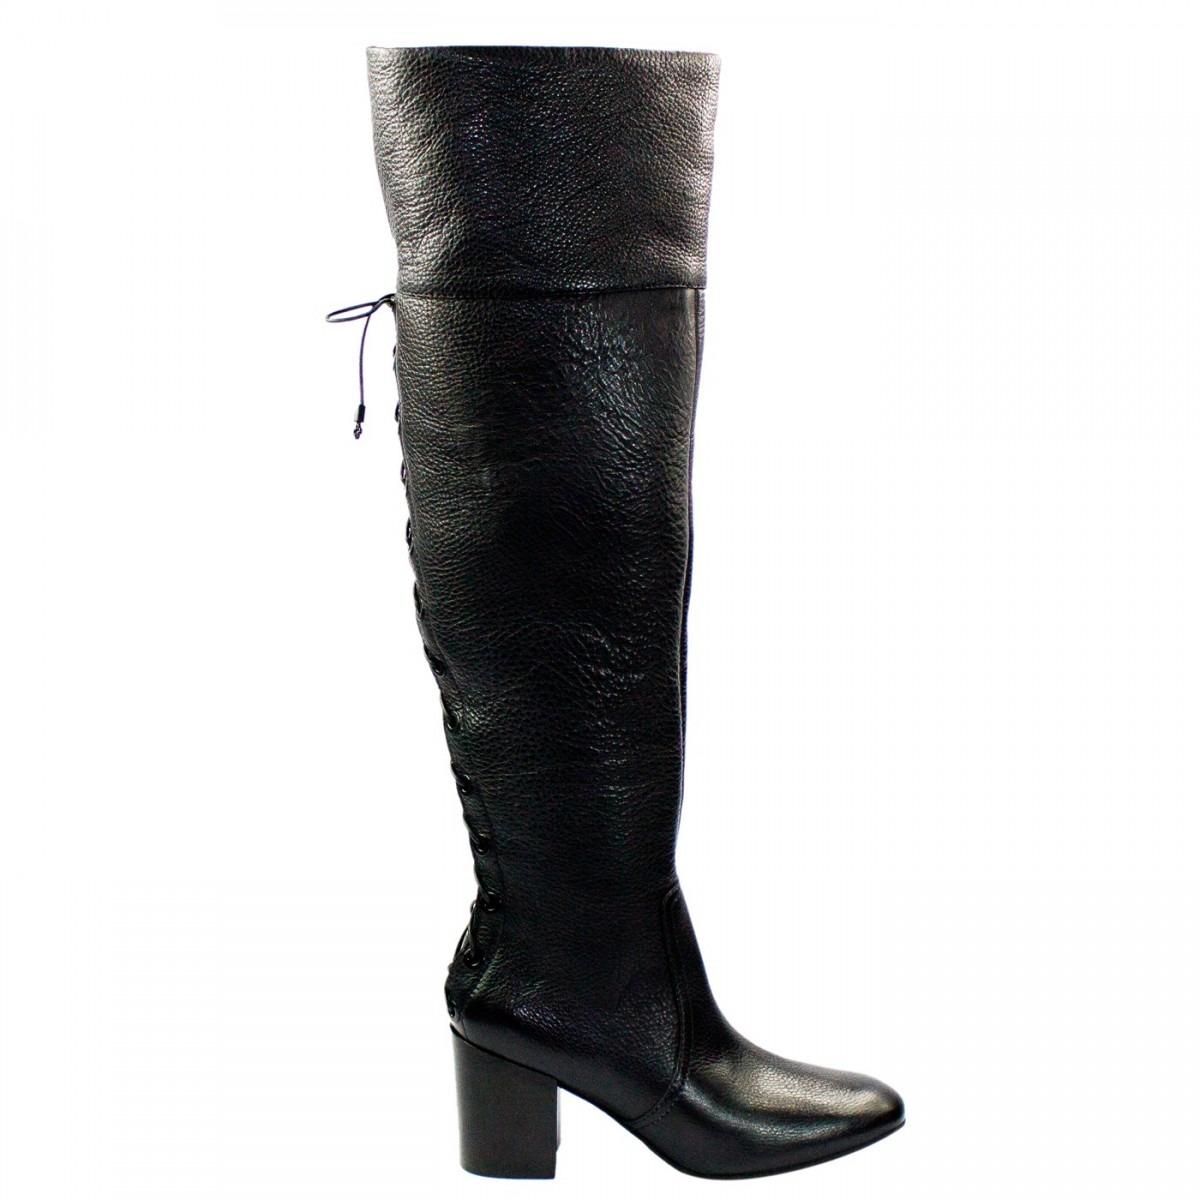 18e2a6f26c1 bota over the knee feminina capodarte artigiano promoção. Carregando zoom.